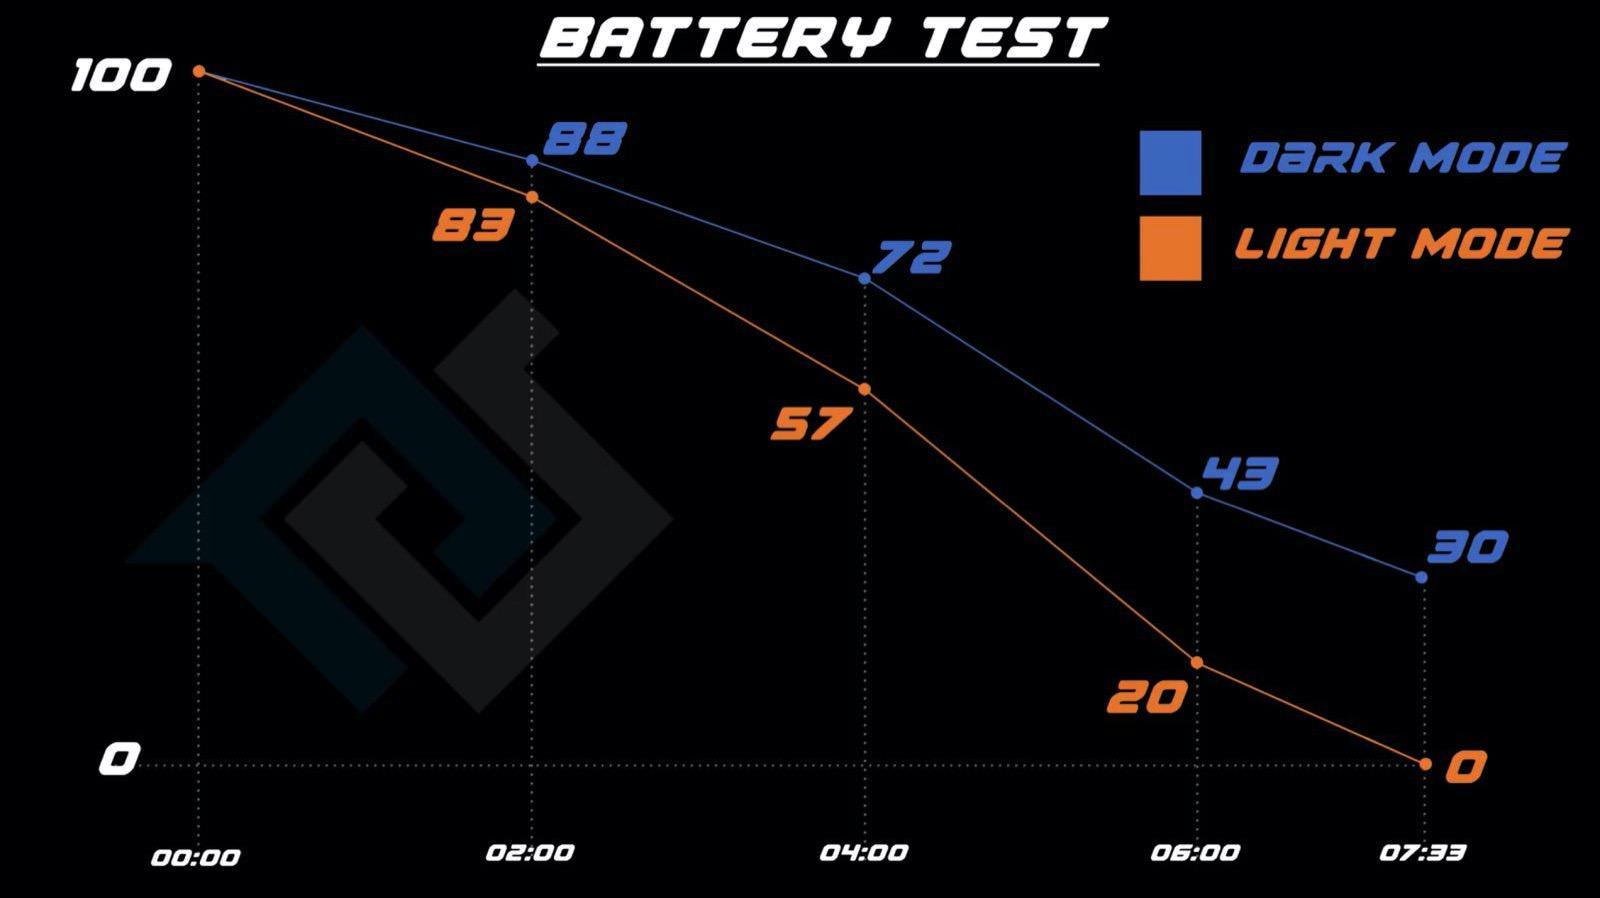 Dark mode makes battery life longer